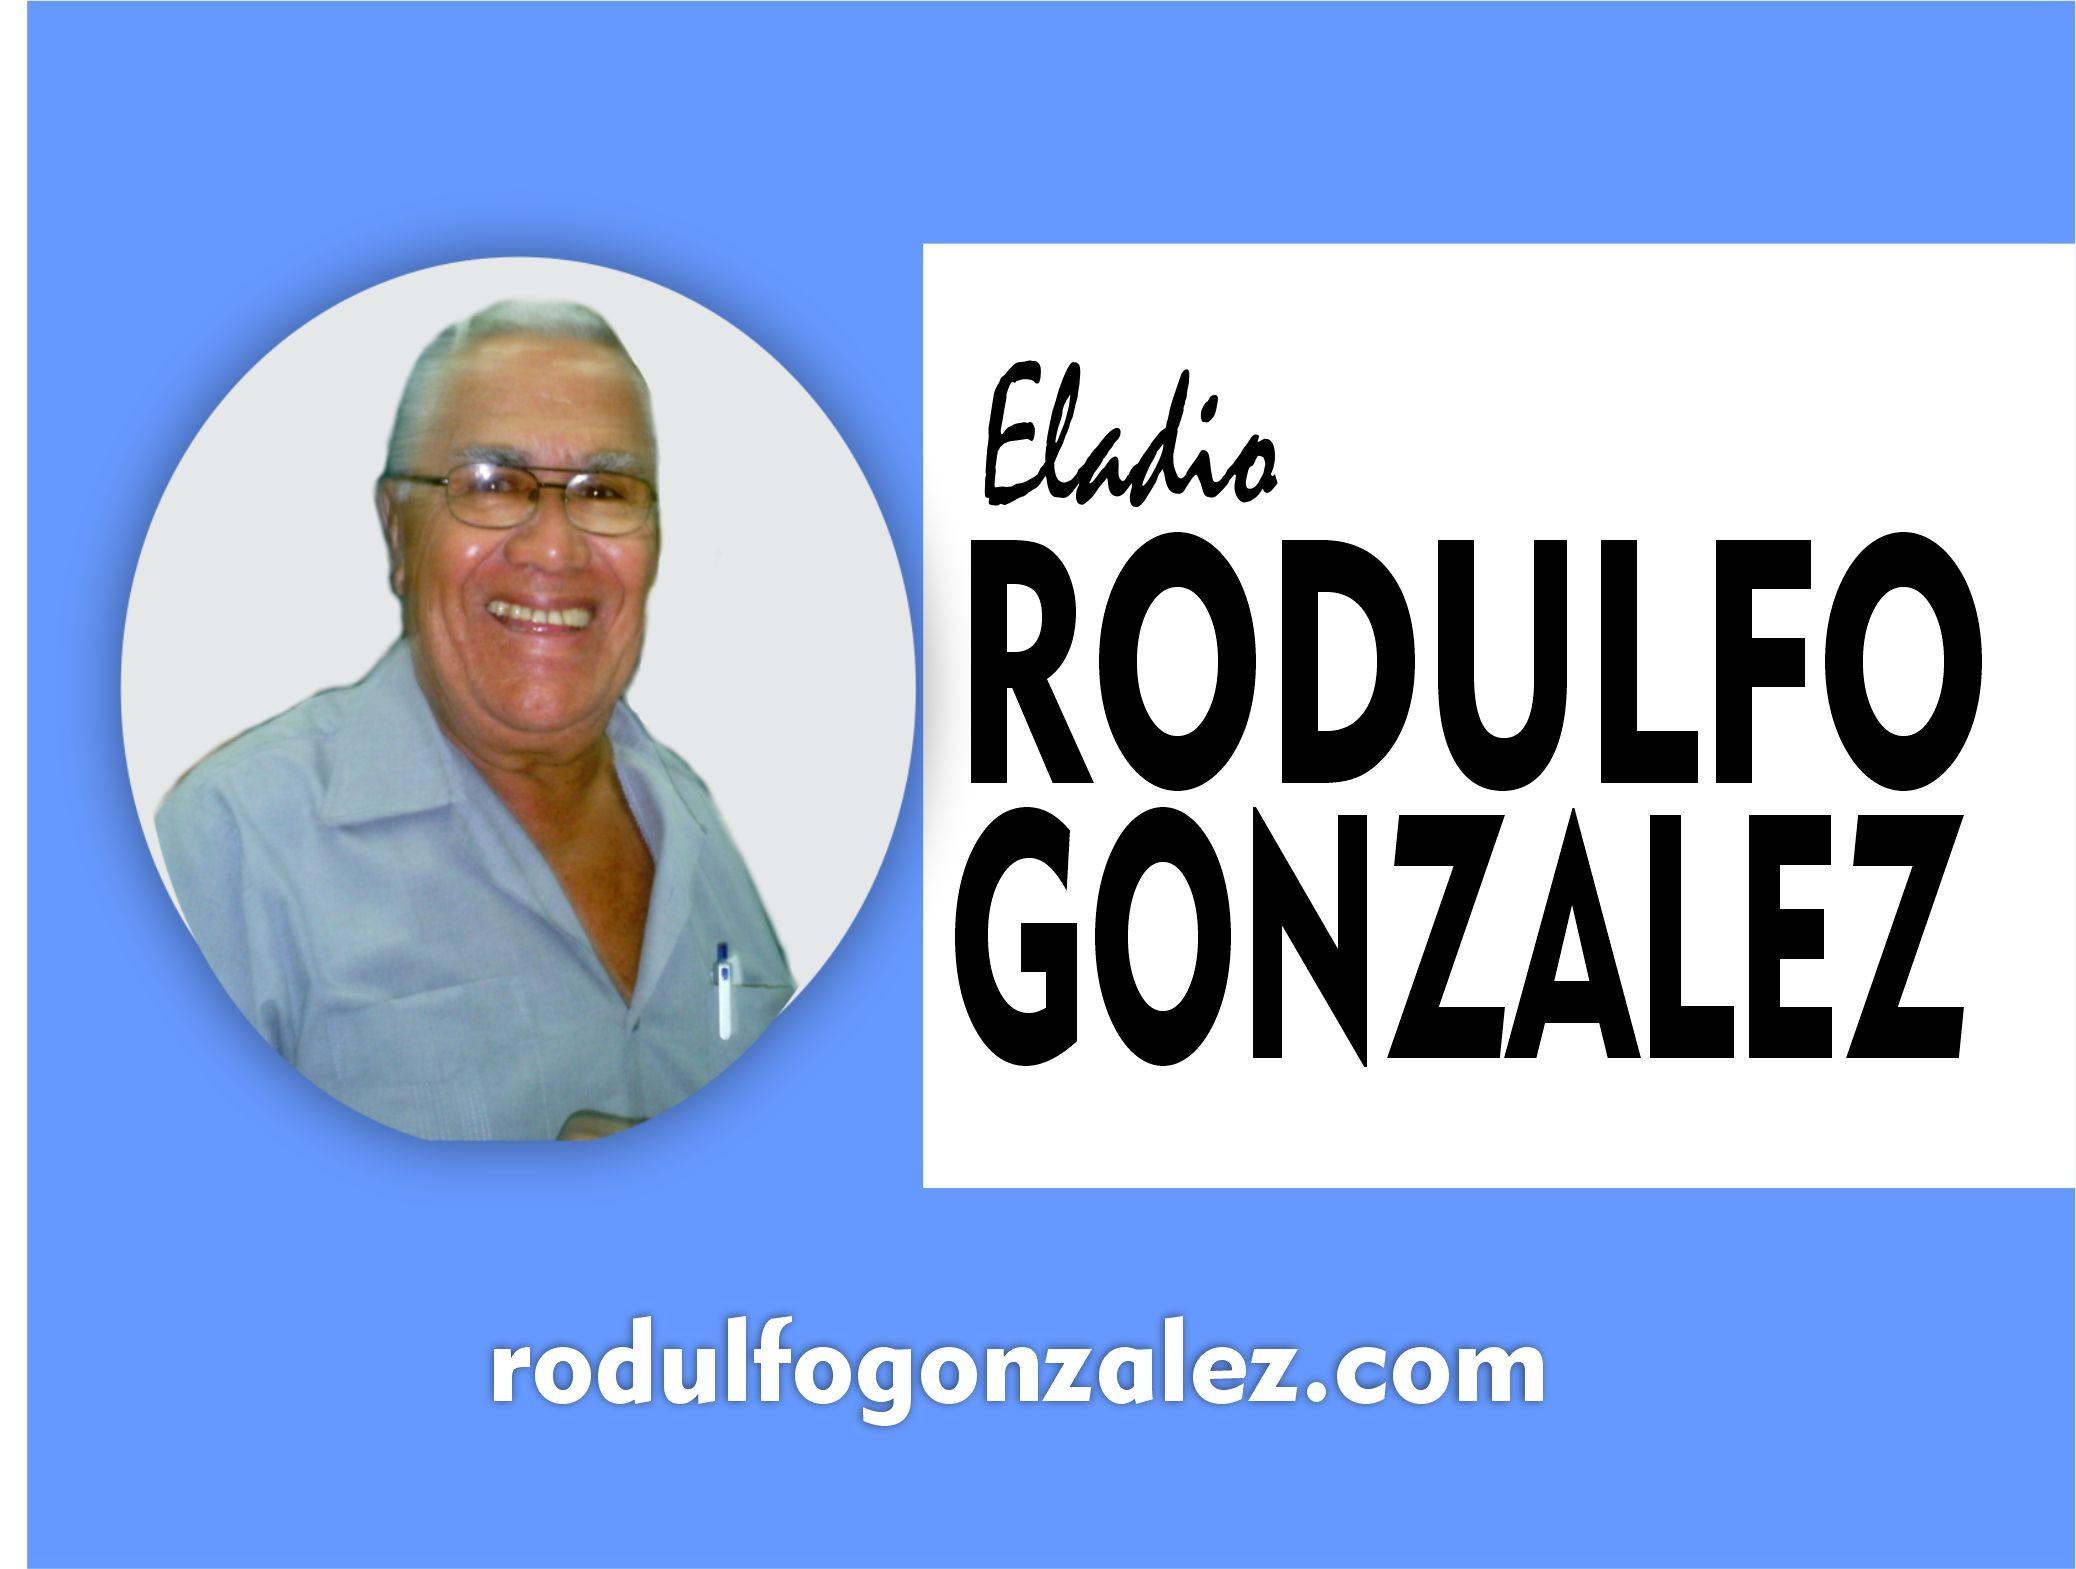 Eladio Rodulfo Gonzalez Escritor Venezolano